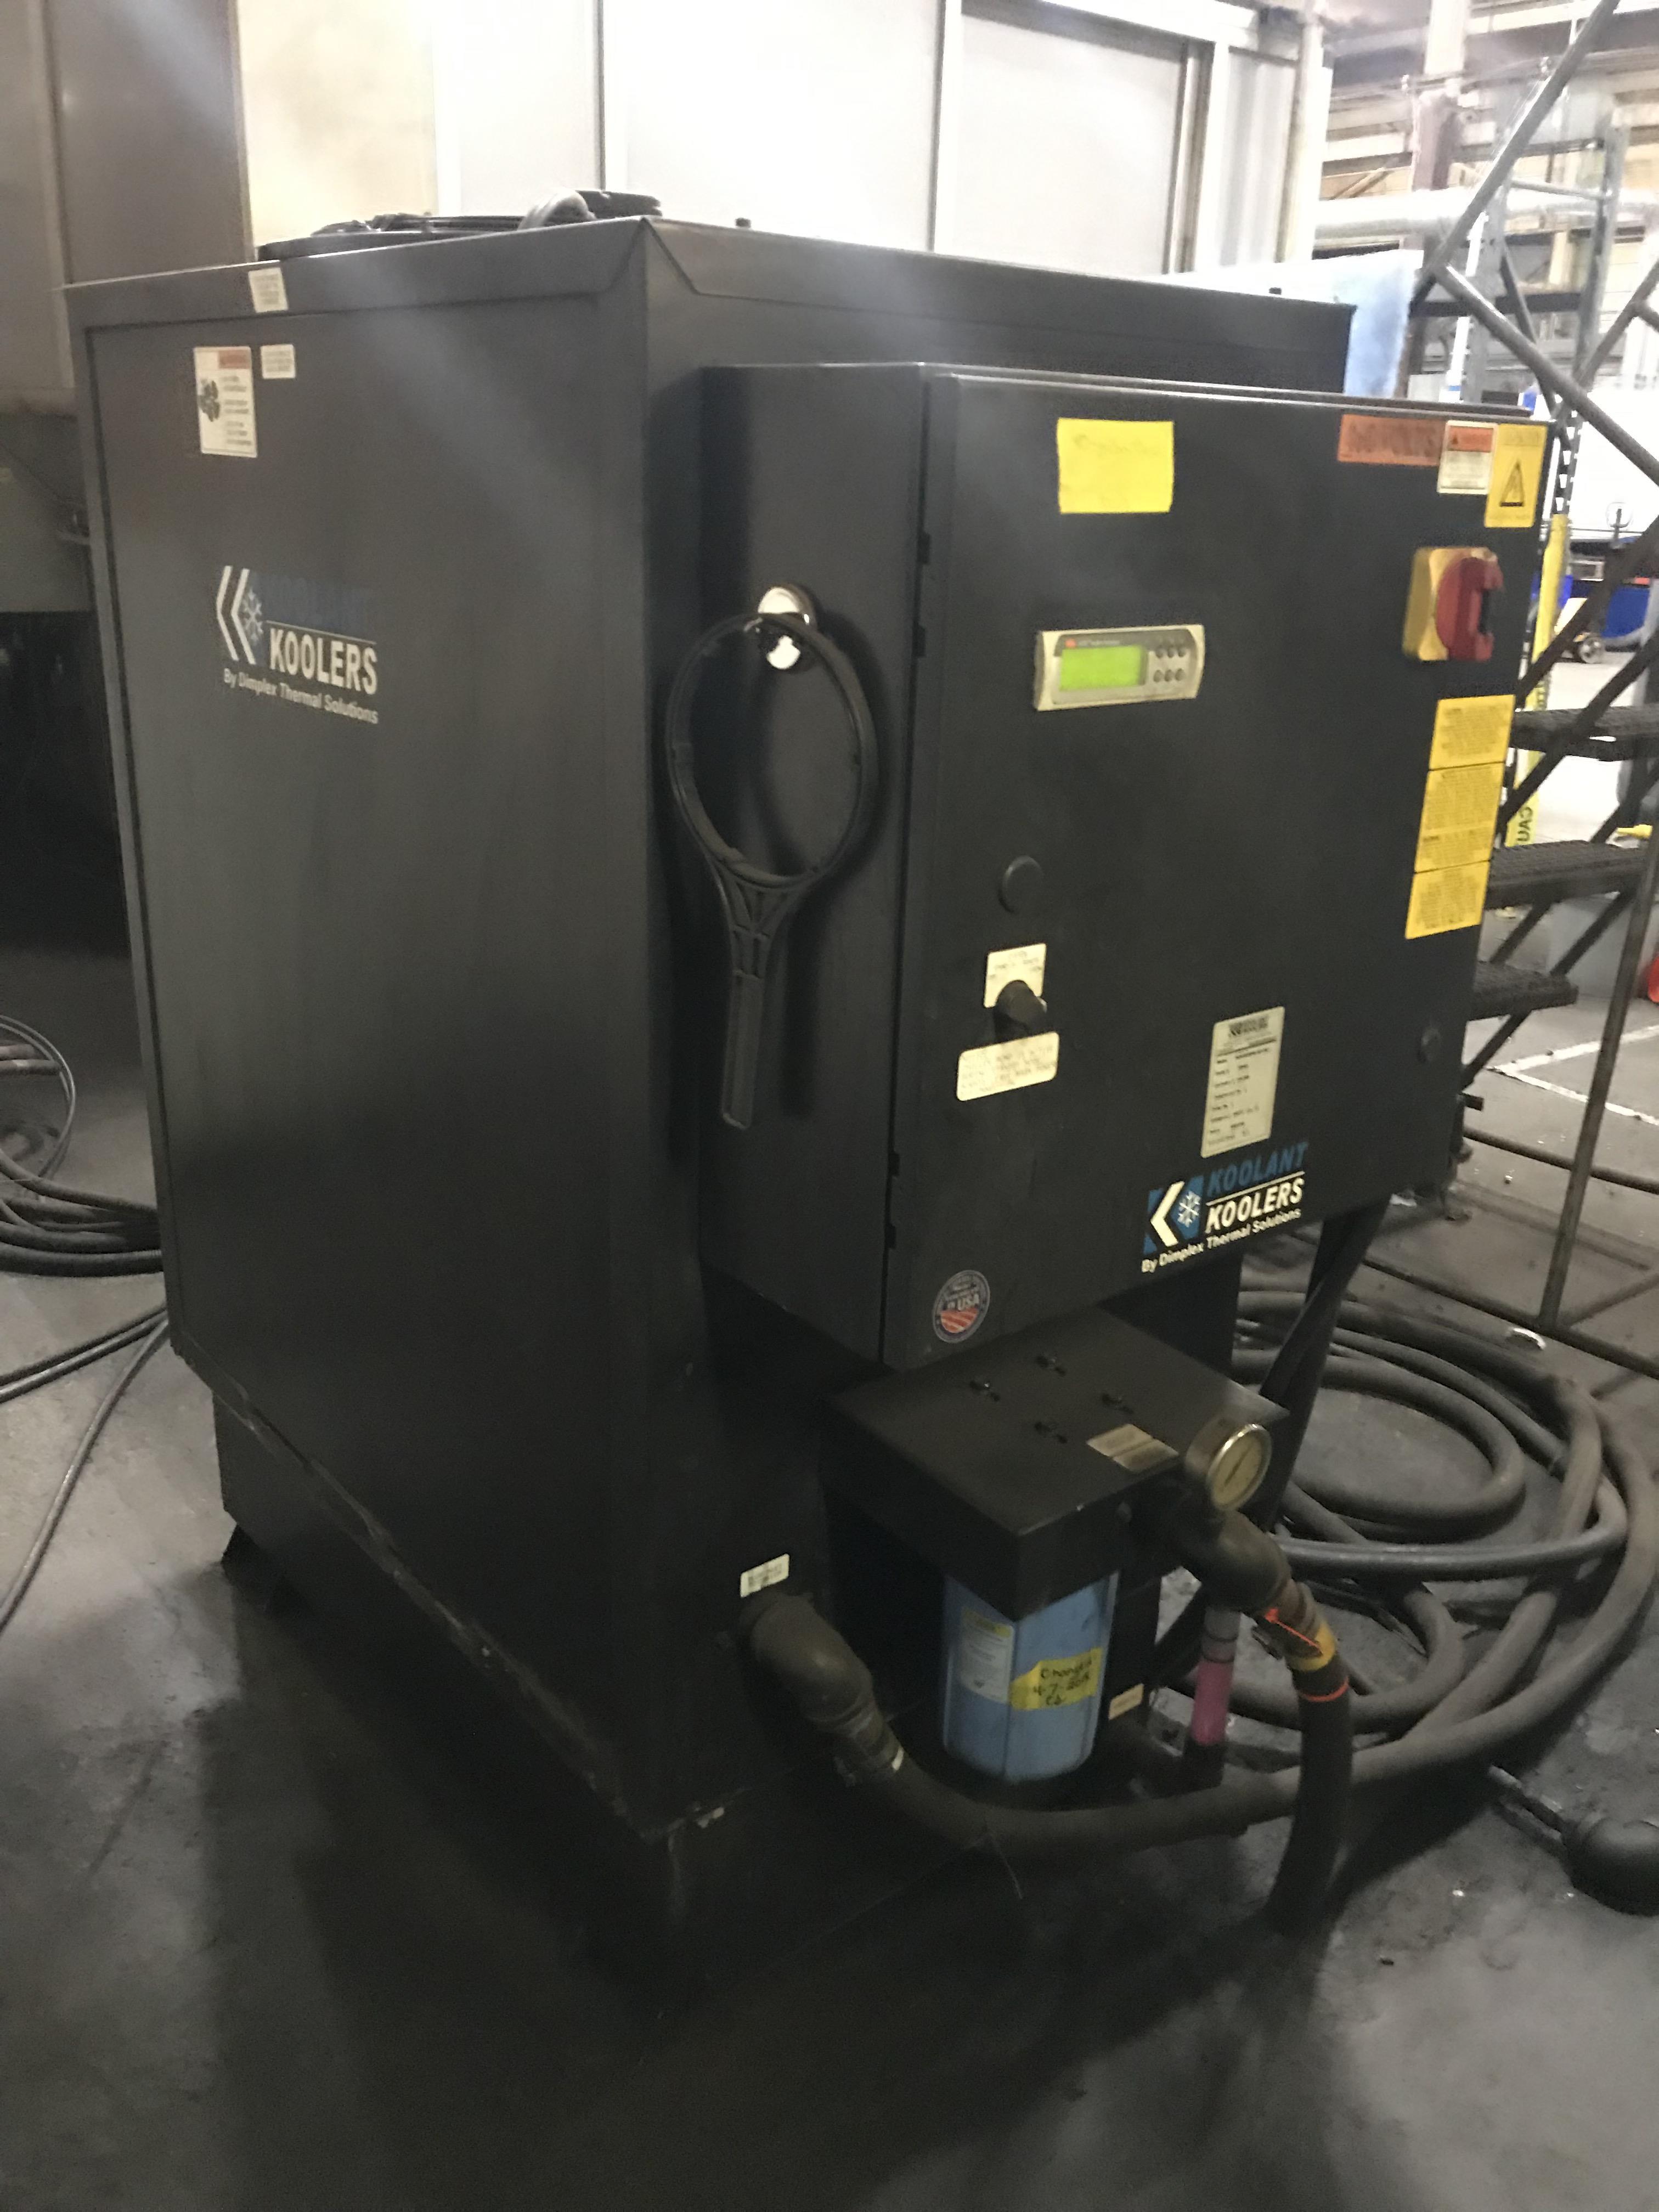 Cincinnati CL940 Fiber Laser, 4,000 Watt, 5' x 10' Dual Pallets, Chiller, Dust Collector, Low Hours - Image 2 of 7